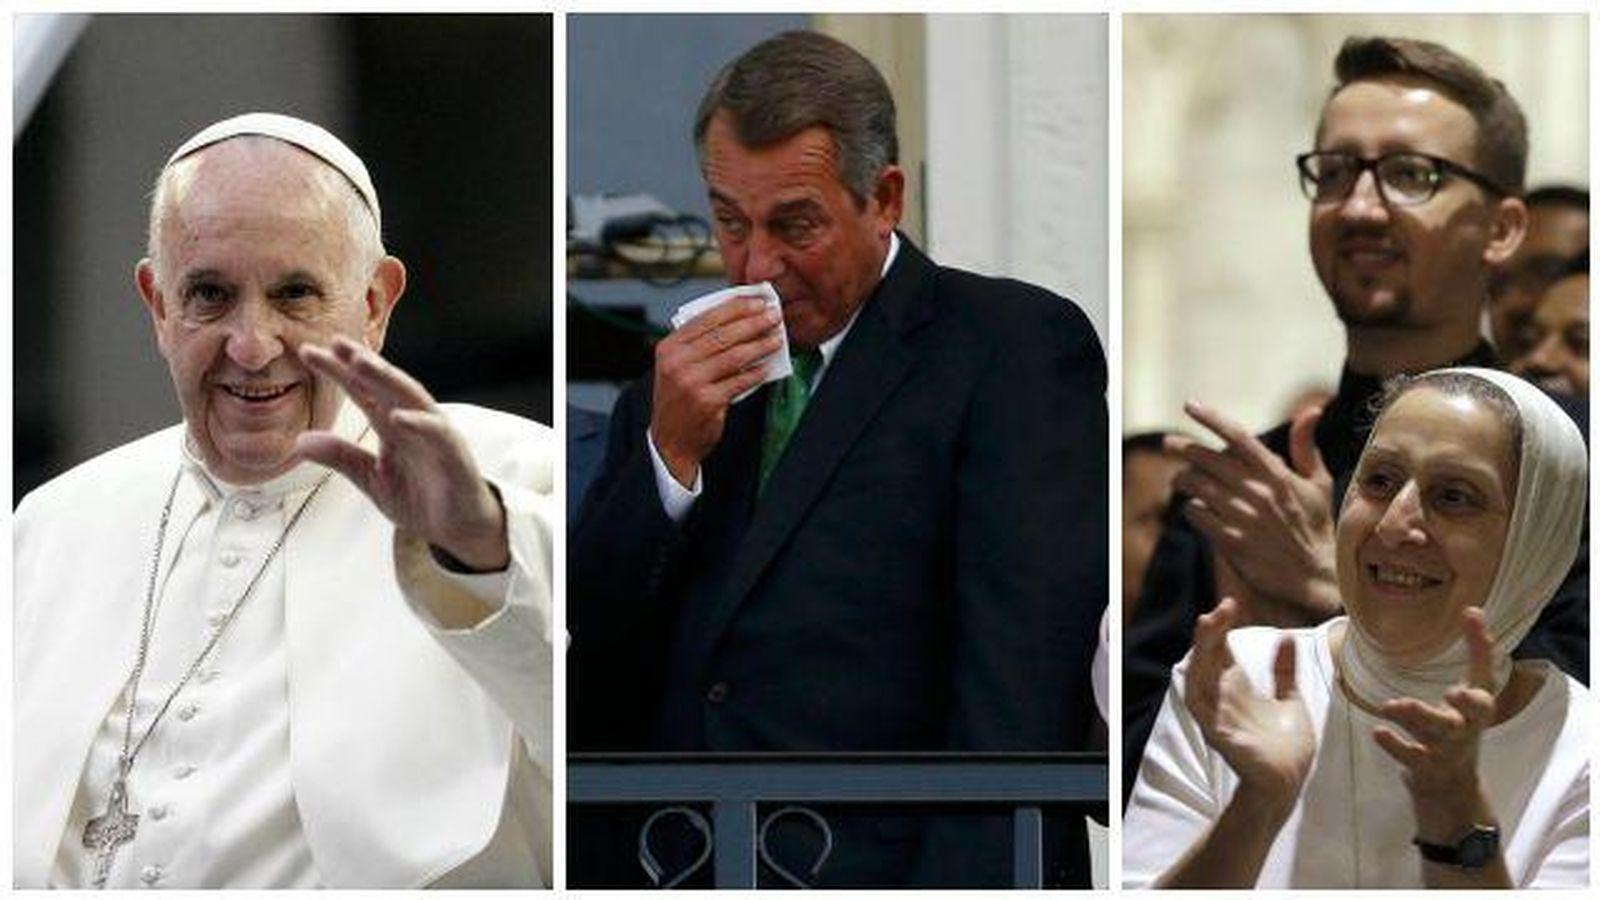 Foto: El discurso del Papa provocó reacciones de lo más variadas (EC/Agencias)